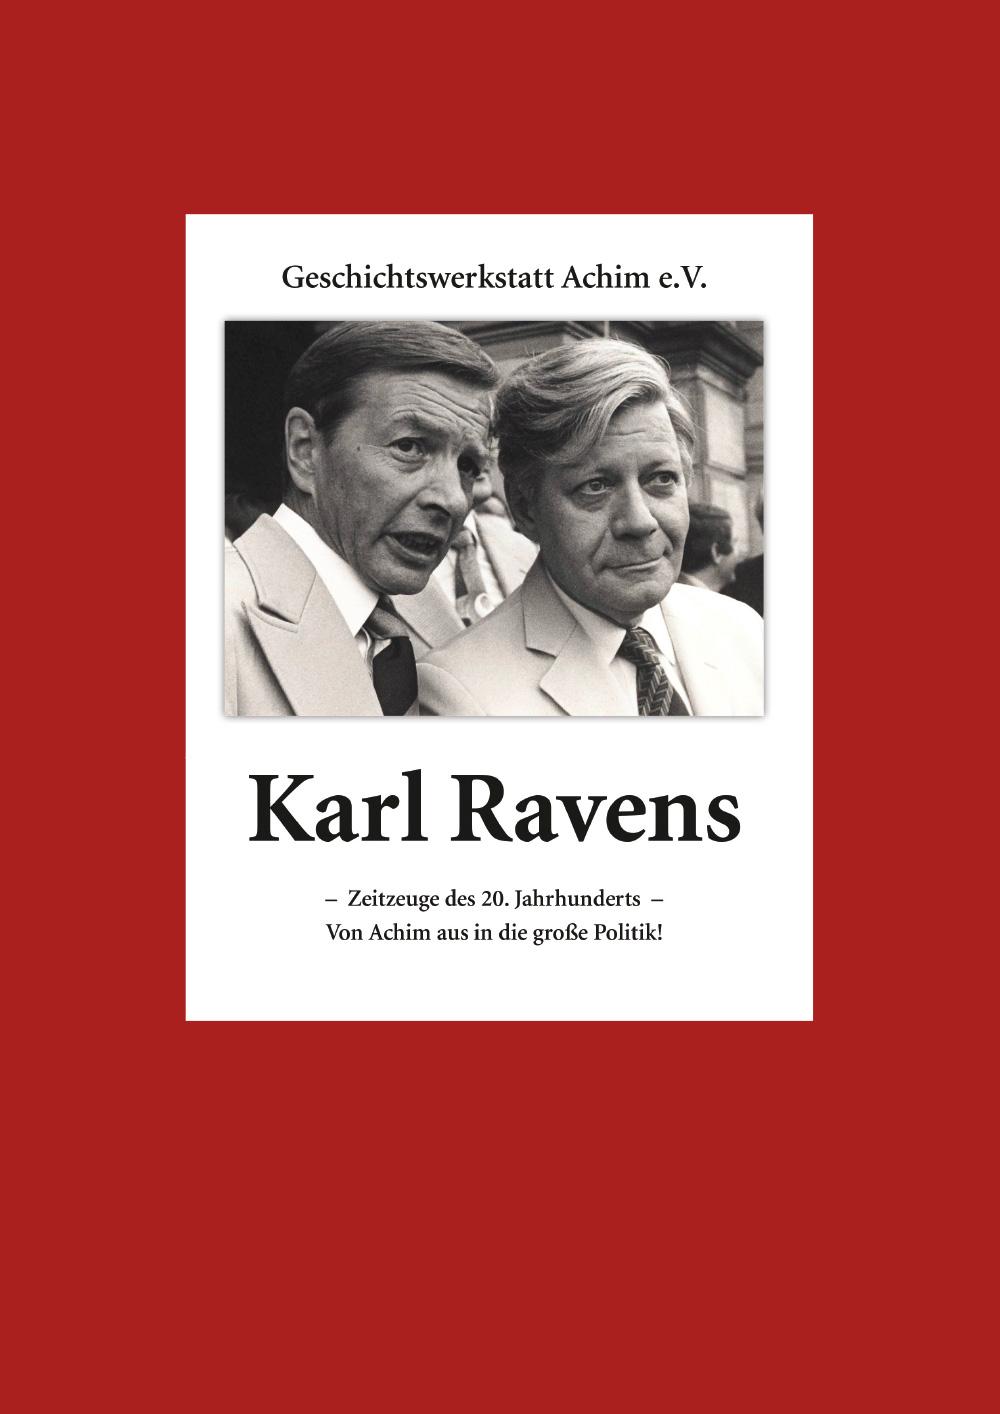 Geschichtswerkstatt Achim e.V. – Karl Ravens – Zeitzeuge des 20. Jahrhunderts – Von Achim aus in die große Politik!